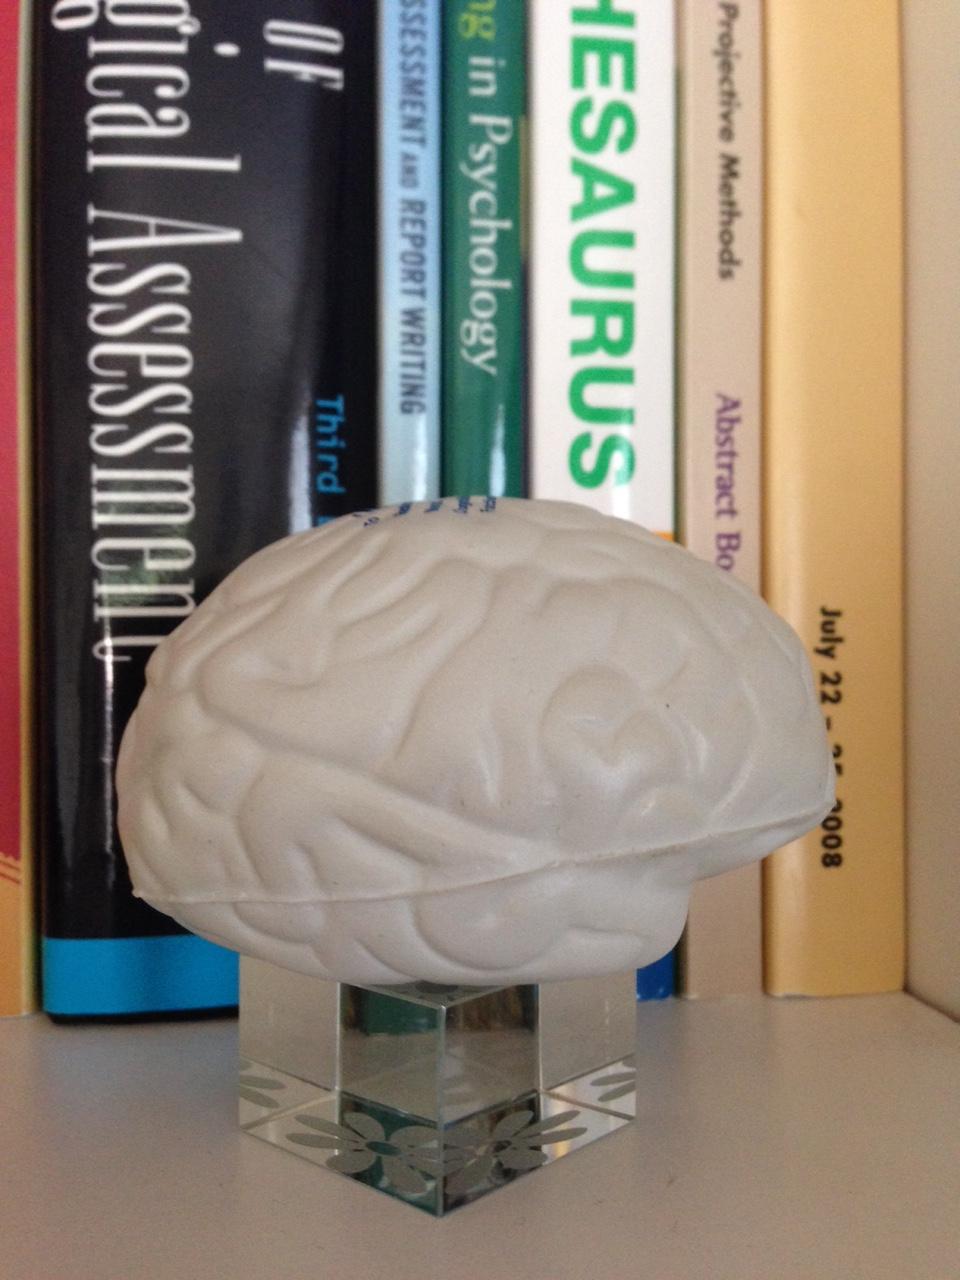 dyslexia, neurodiversity